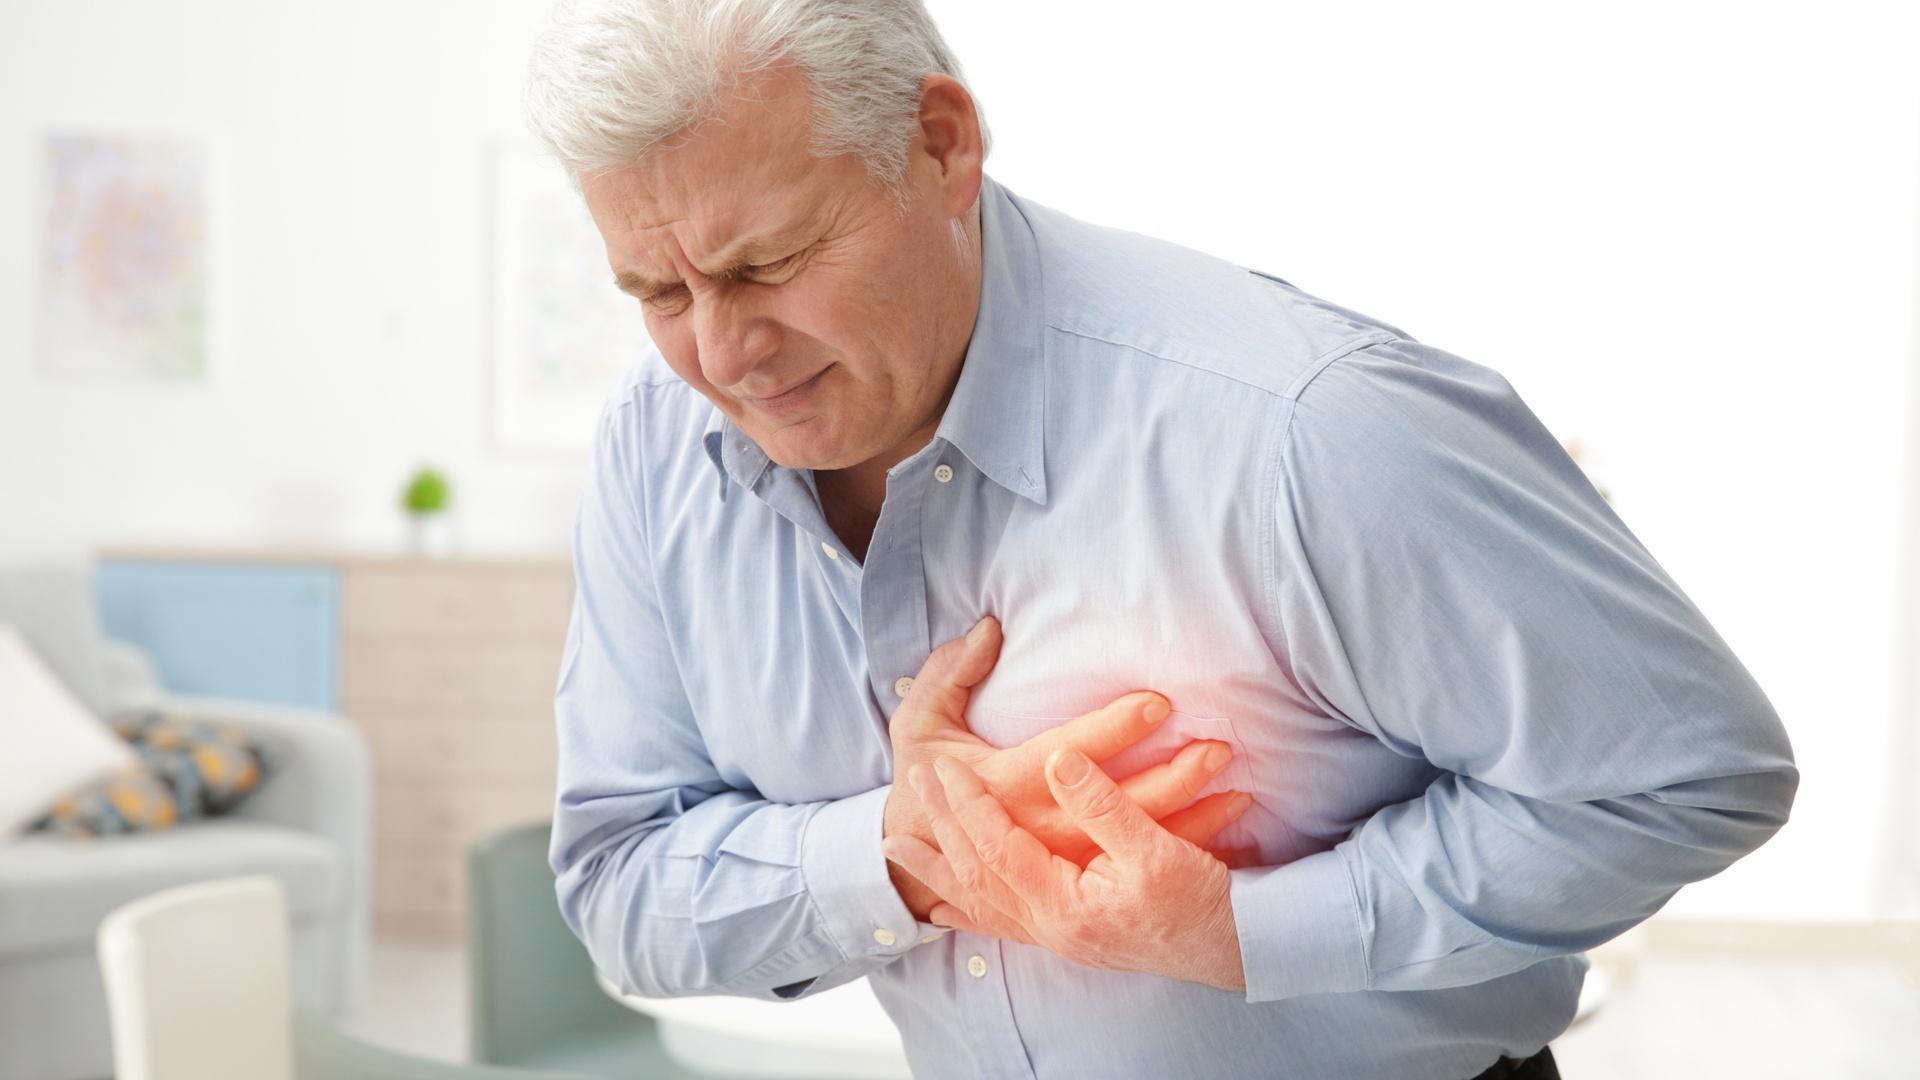 Incapacidad Laboral y Discapacidad por Enfermedad Cardiaca